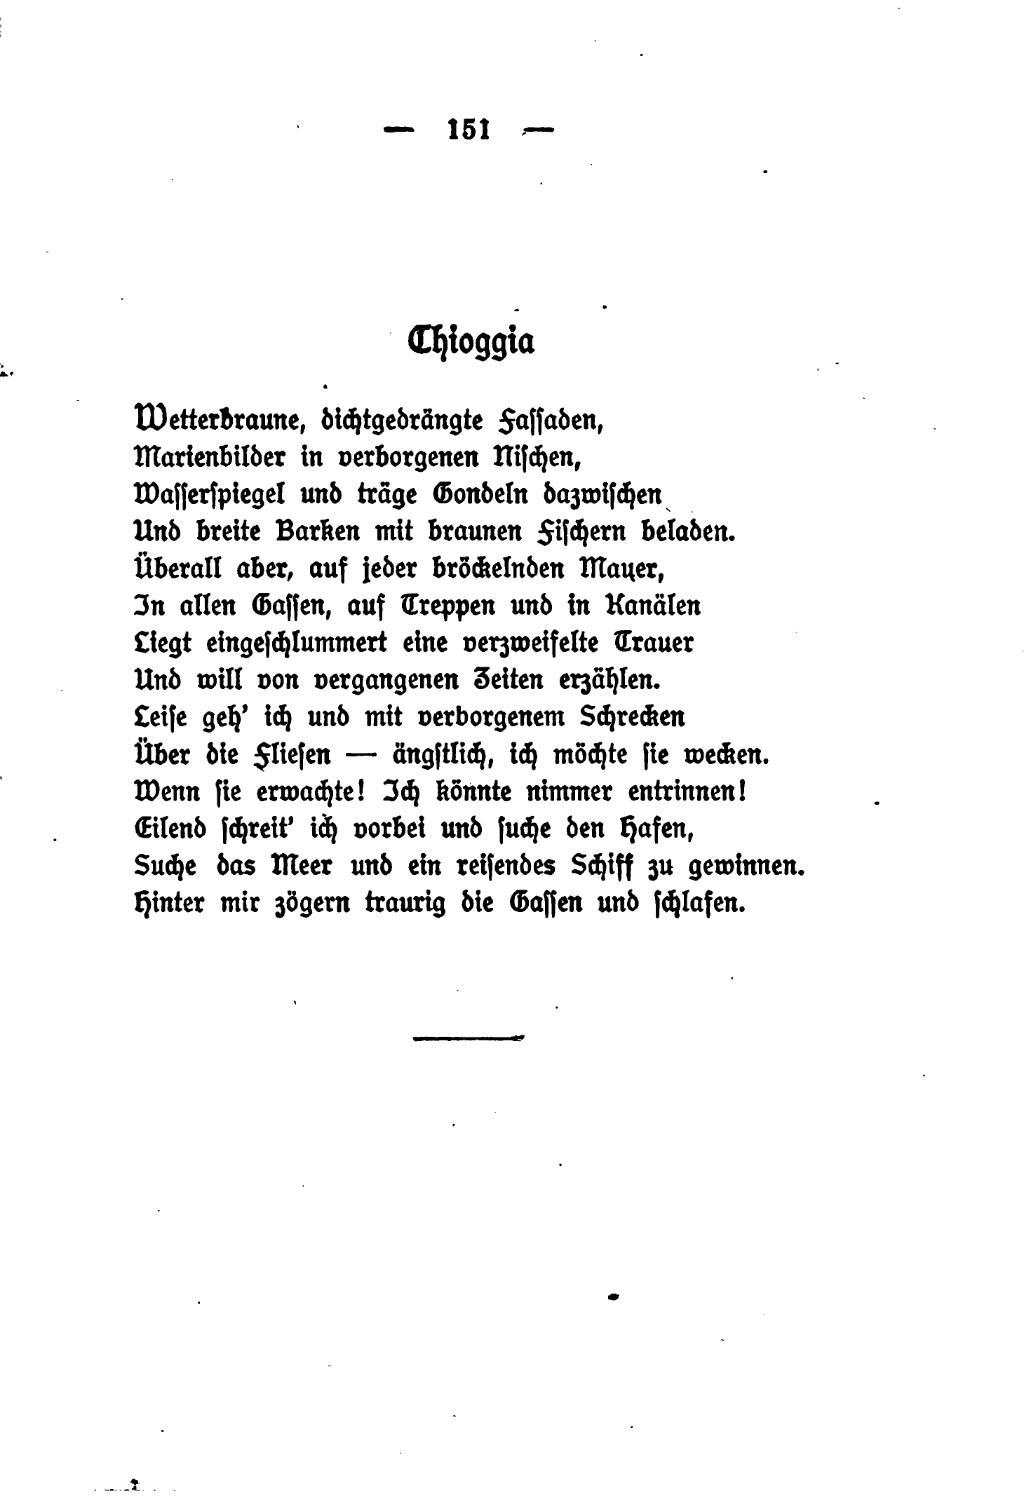 Hesse treppengedicht